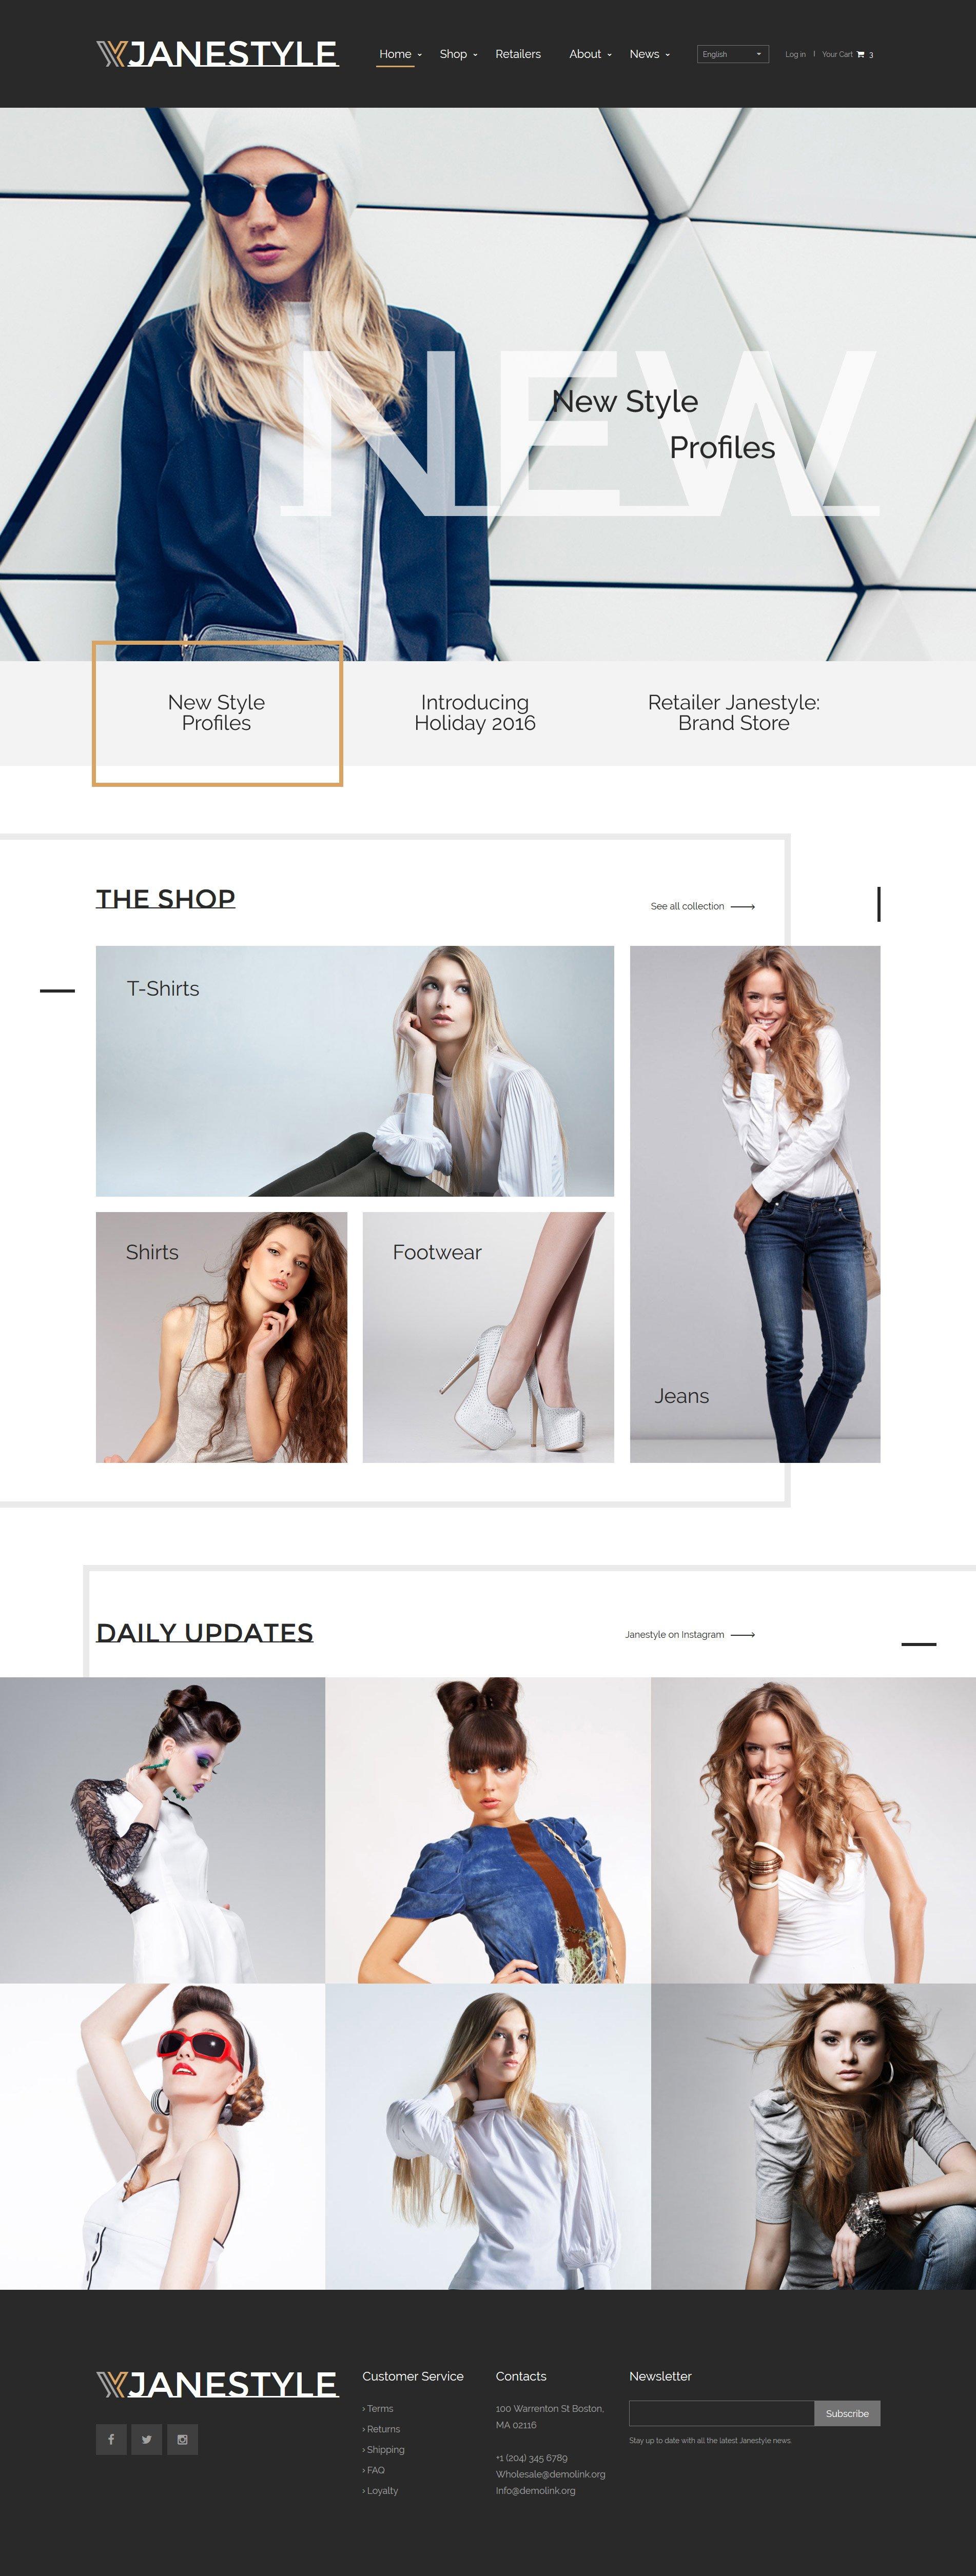 European fashion web sites Top 100 European Fashion Bloggers European Fashion Websites